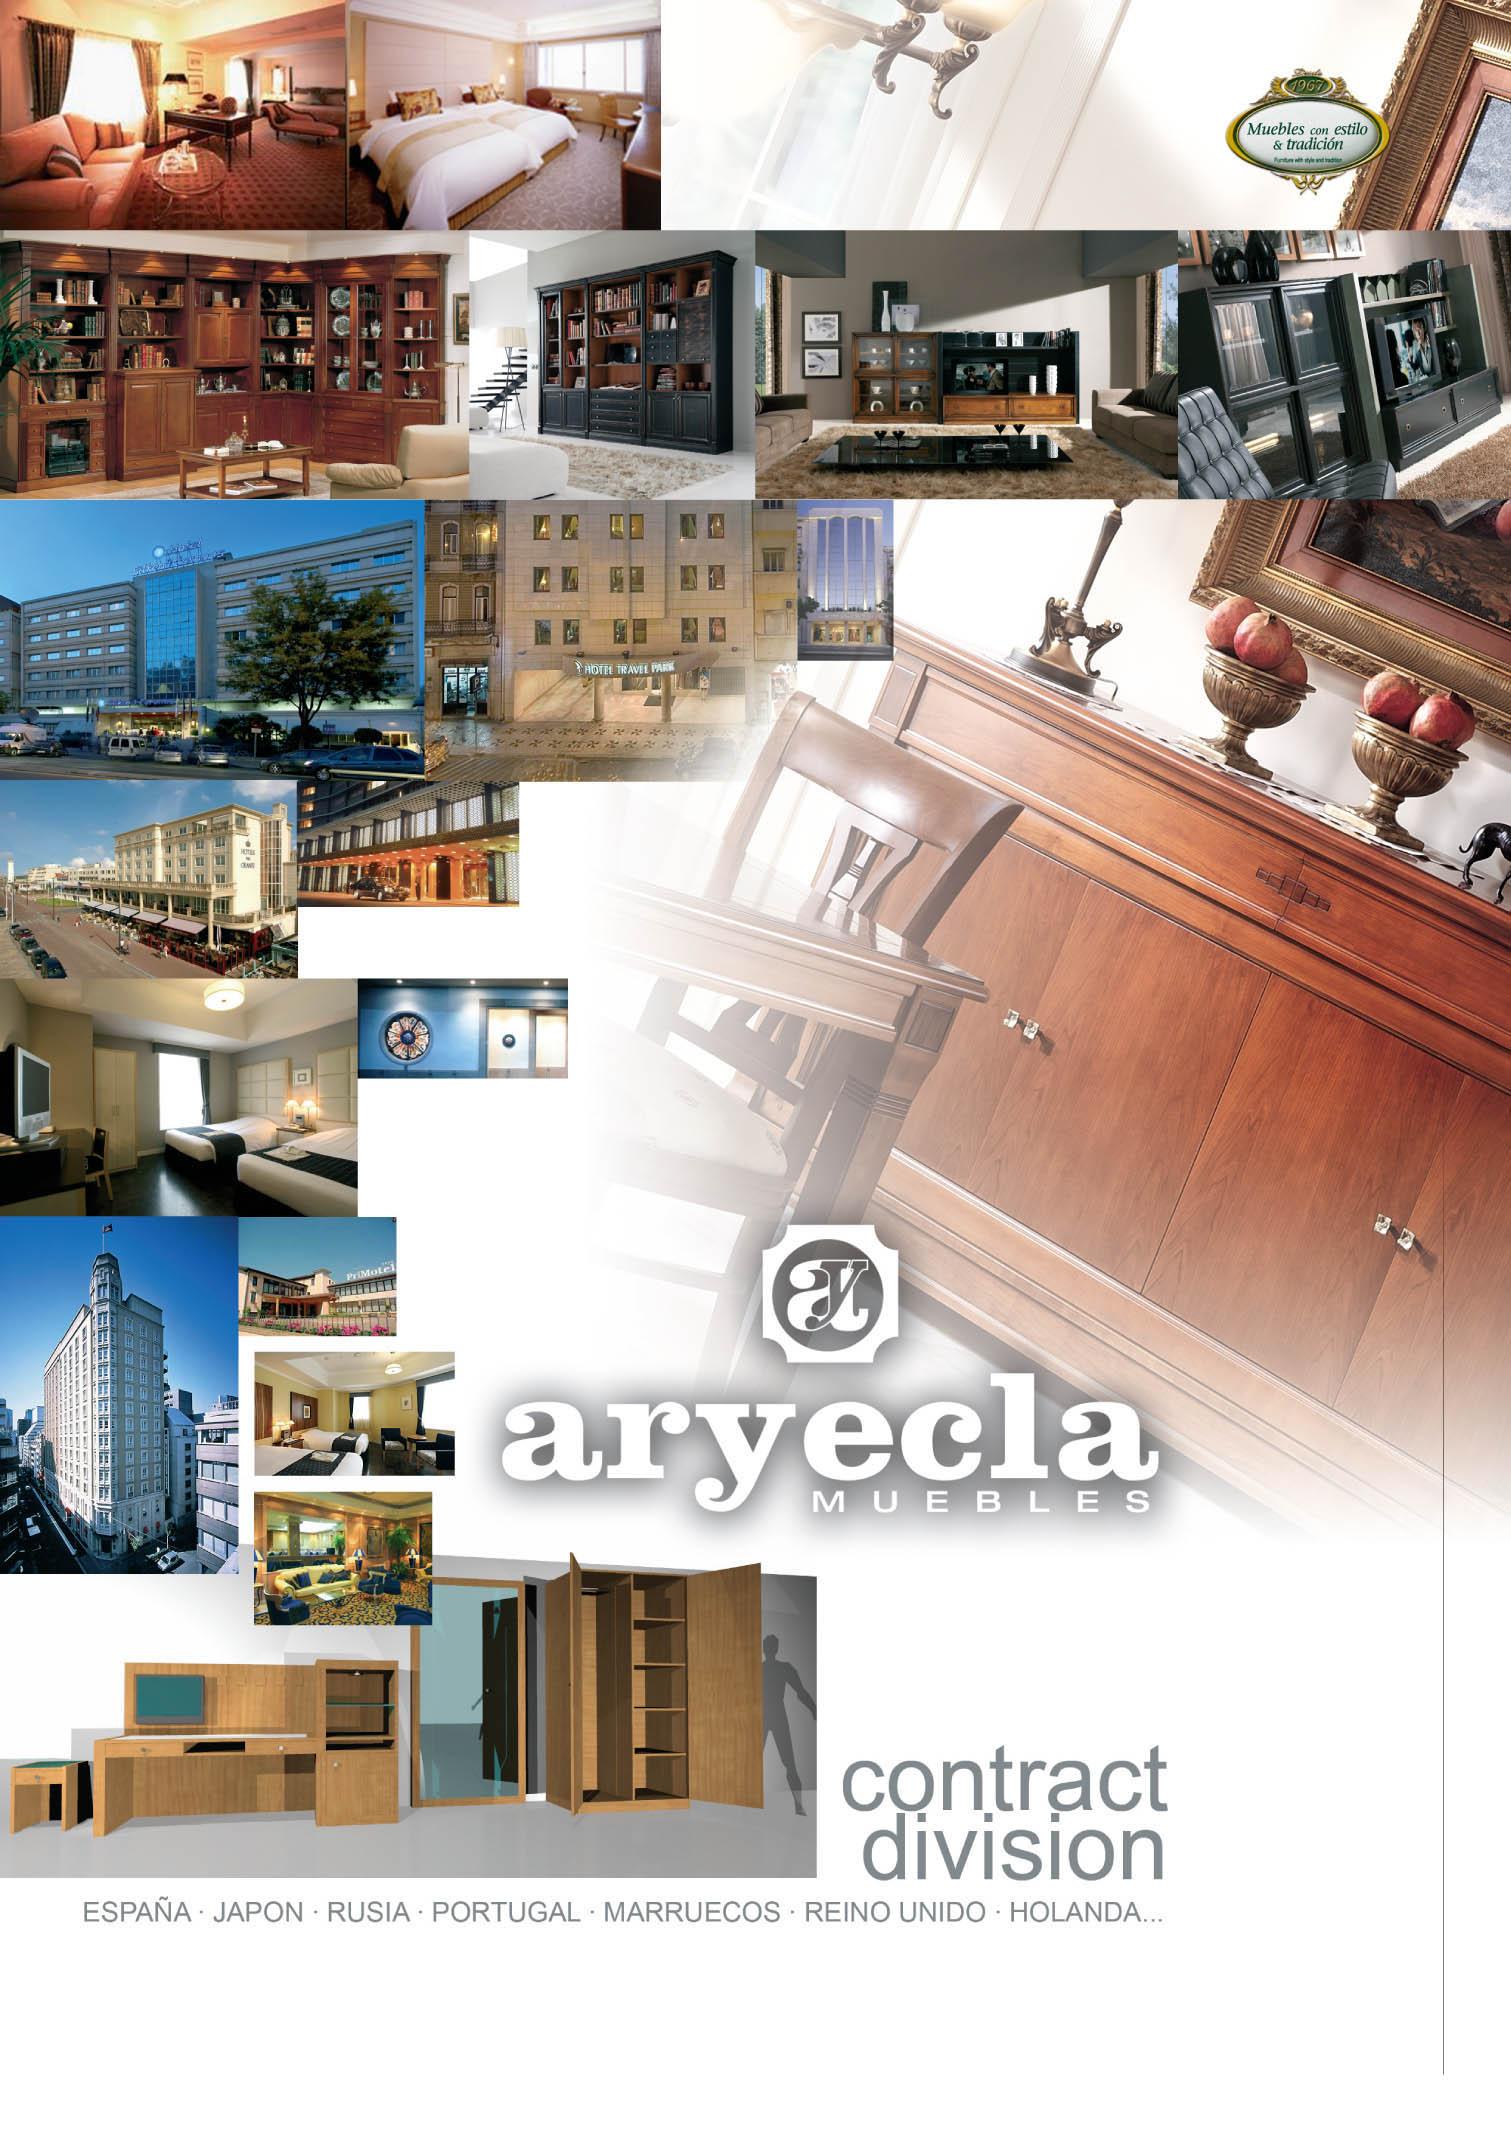 Servicios Para Proyectos Contract Instalaciones Muebles A Medida  # Muebles Hoteles Venta